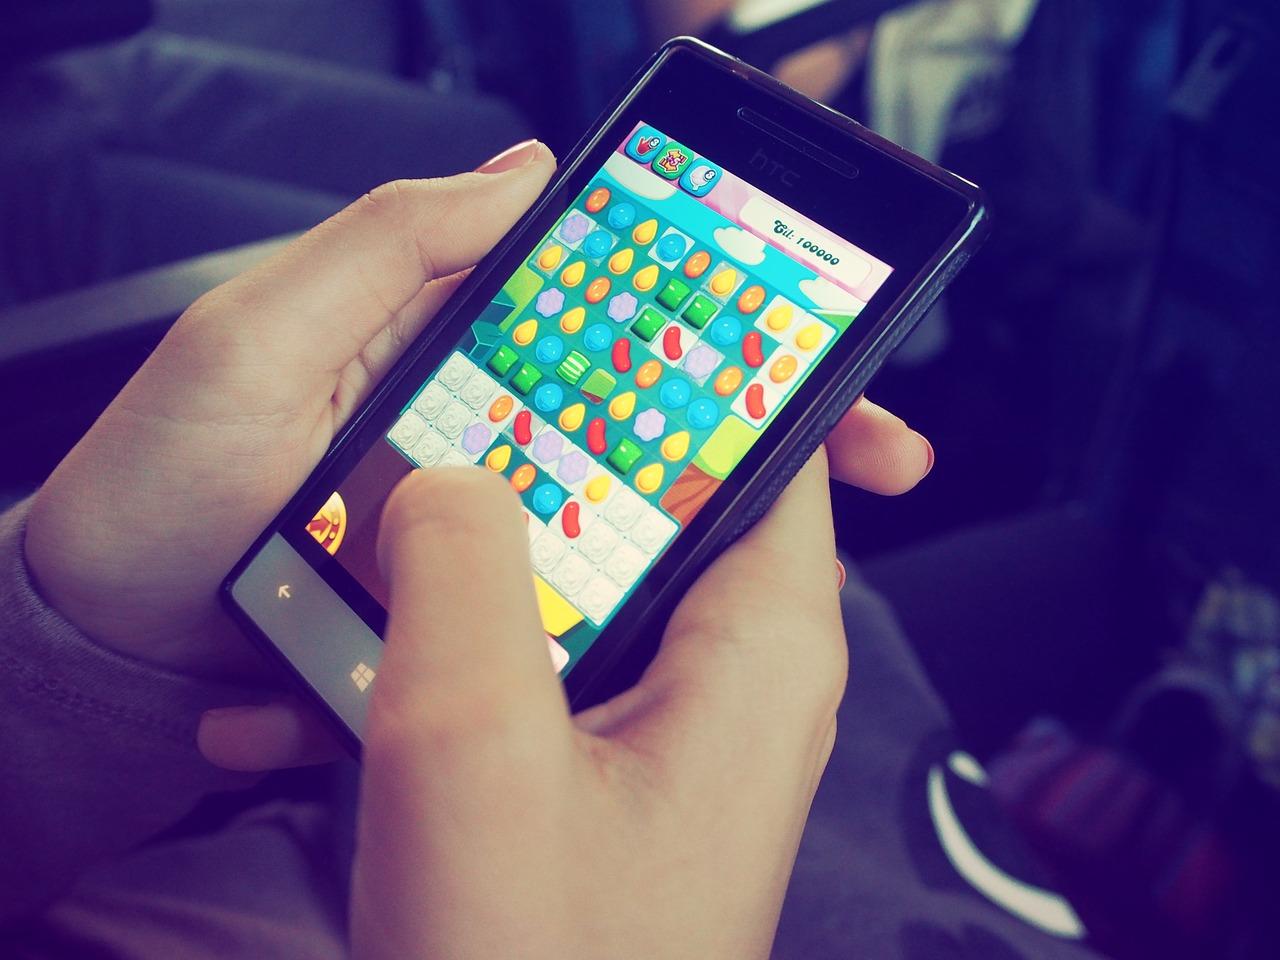 Auf einem Smartphone wird das Spiel Candy Crush gespielt, das mobile Game lässt sich auch leicht während der Arbeitszeit spielen